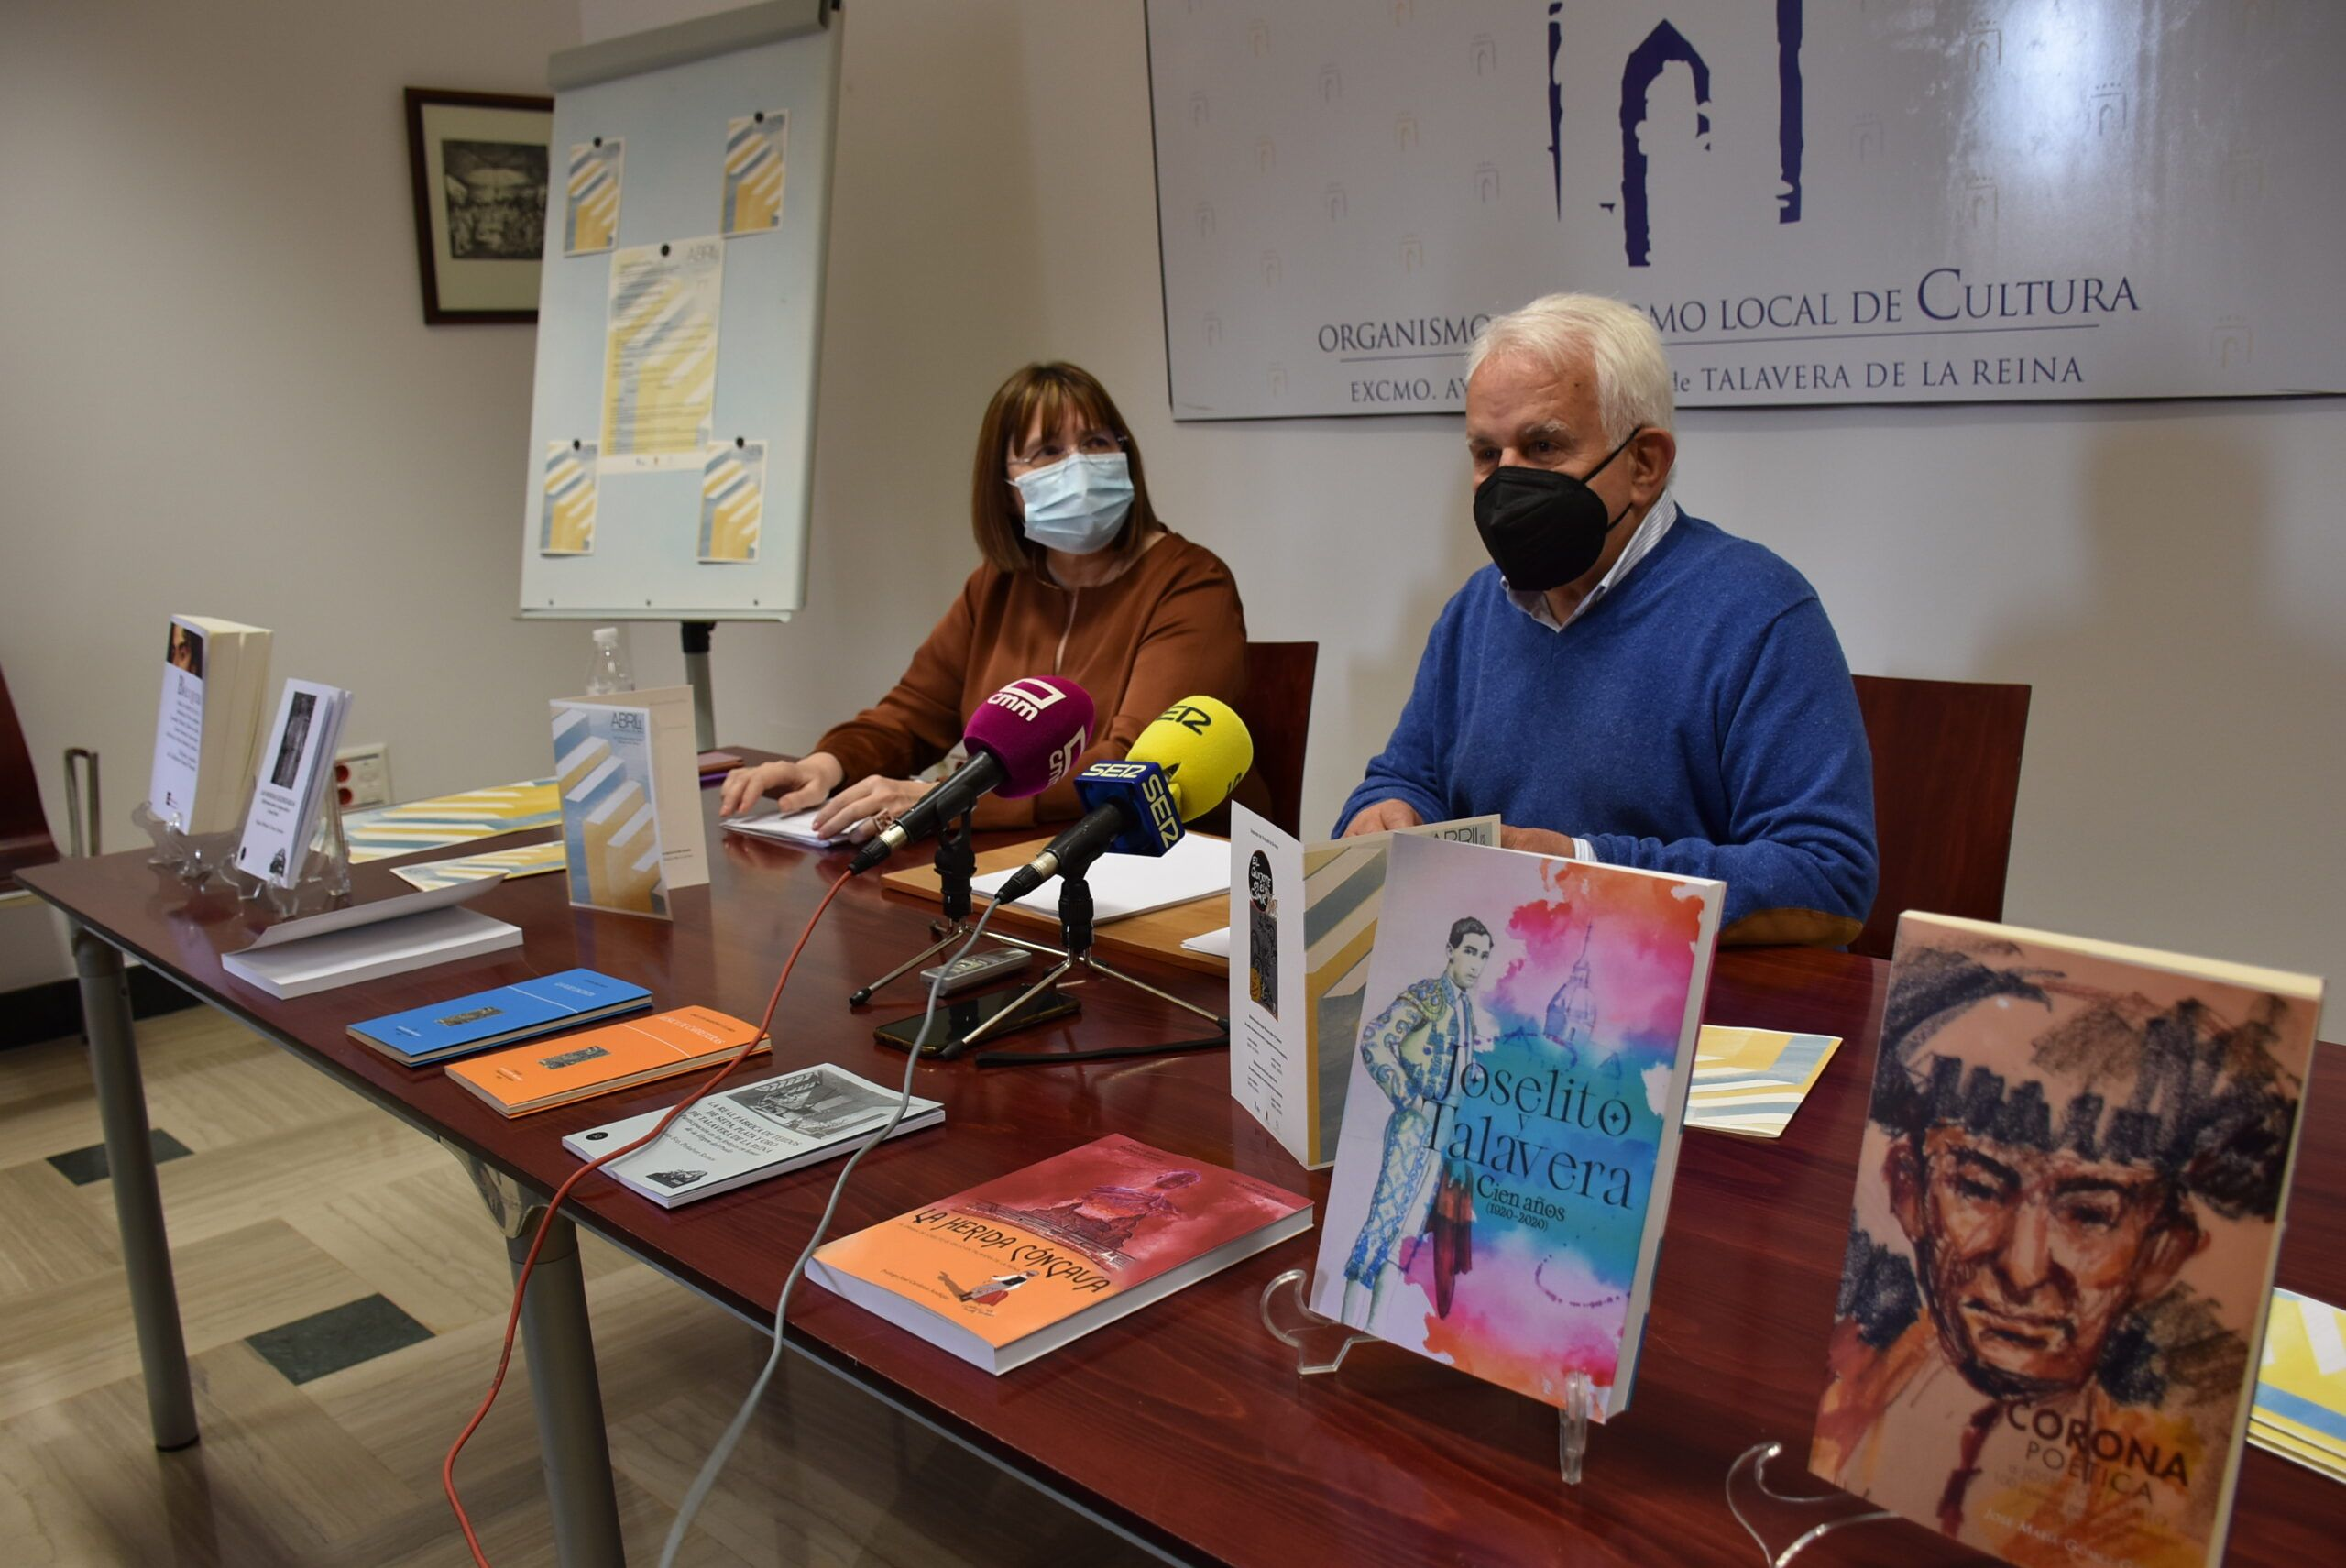 El equipo de Gobierno repartirá más de 1.000 libros en colegios e inaugurará la exposición 'El Quijote en el cómic' con motivo del Día del Libro en Talavera